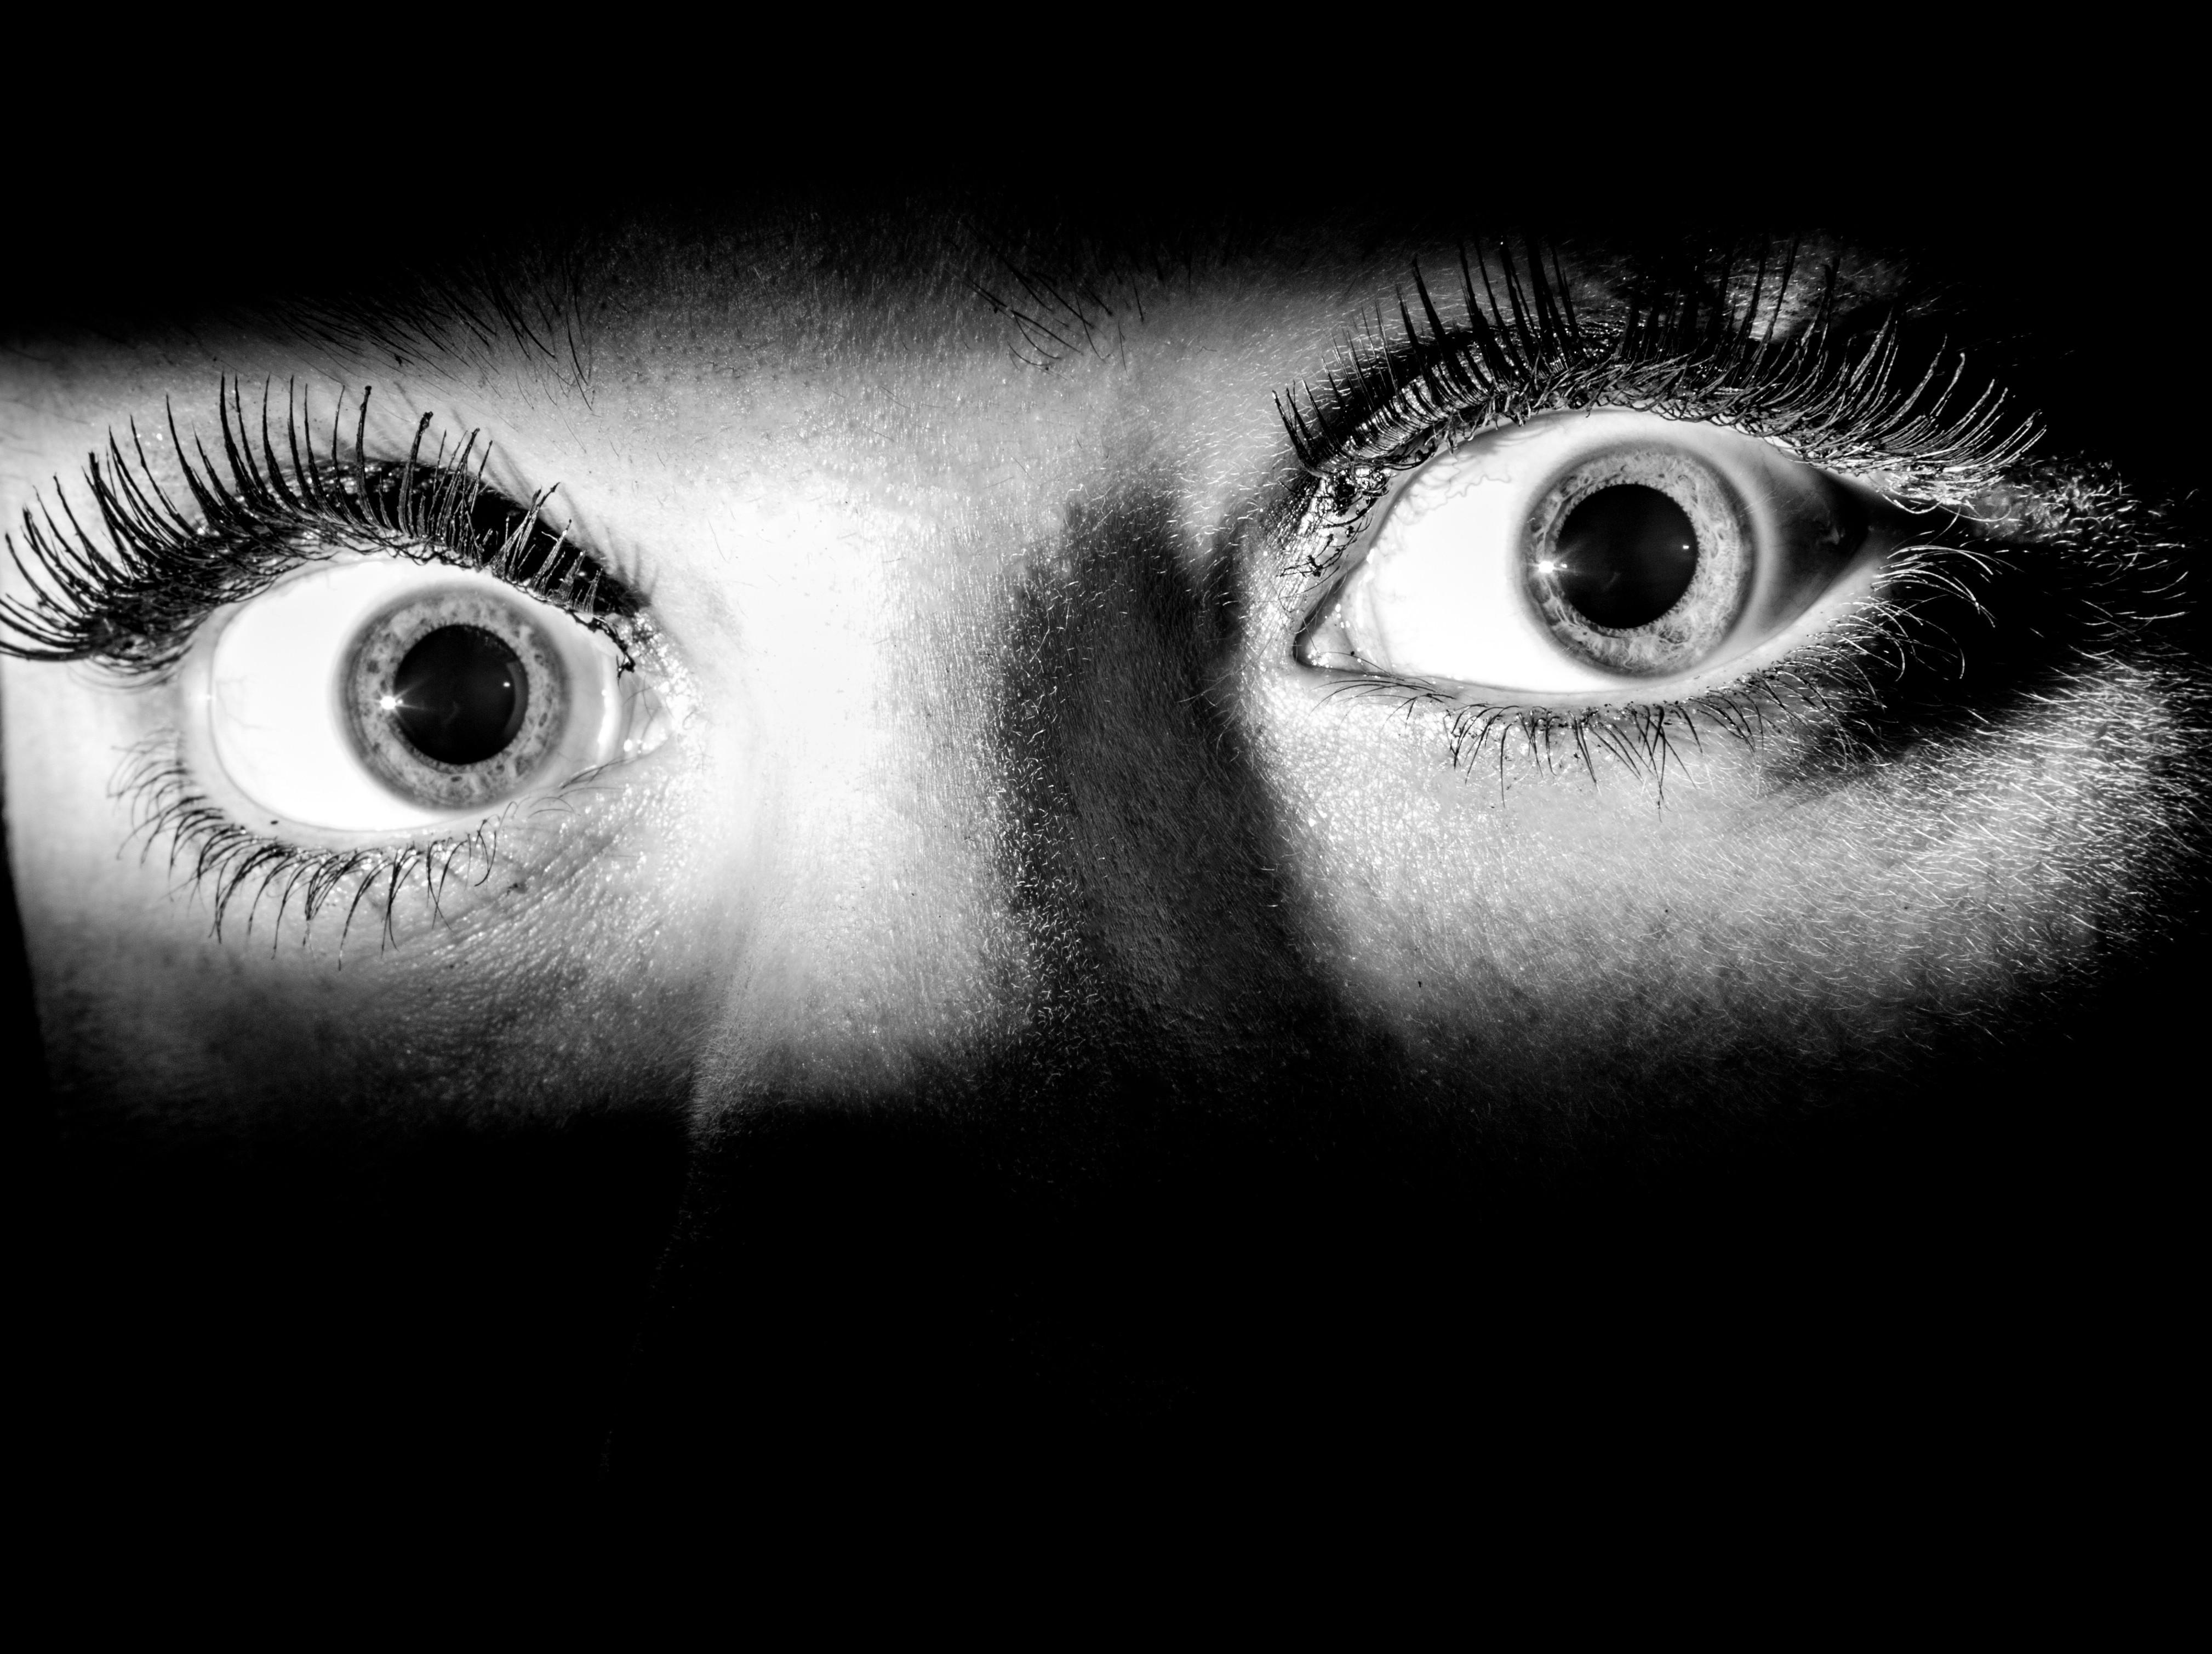 паразиты в организме человека ввс смотреть онлайн